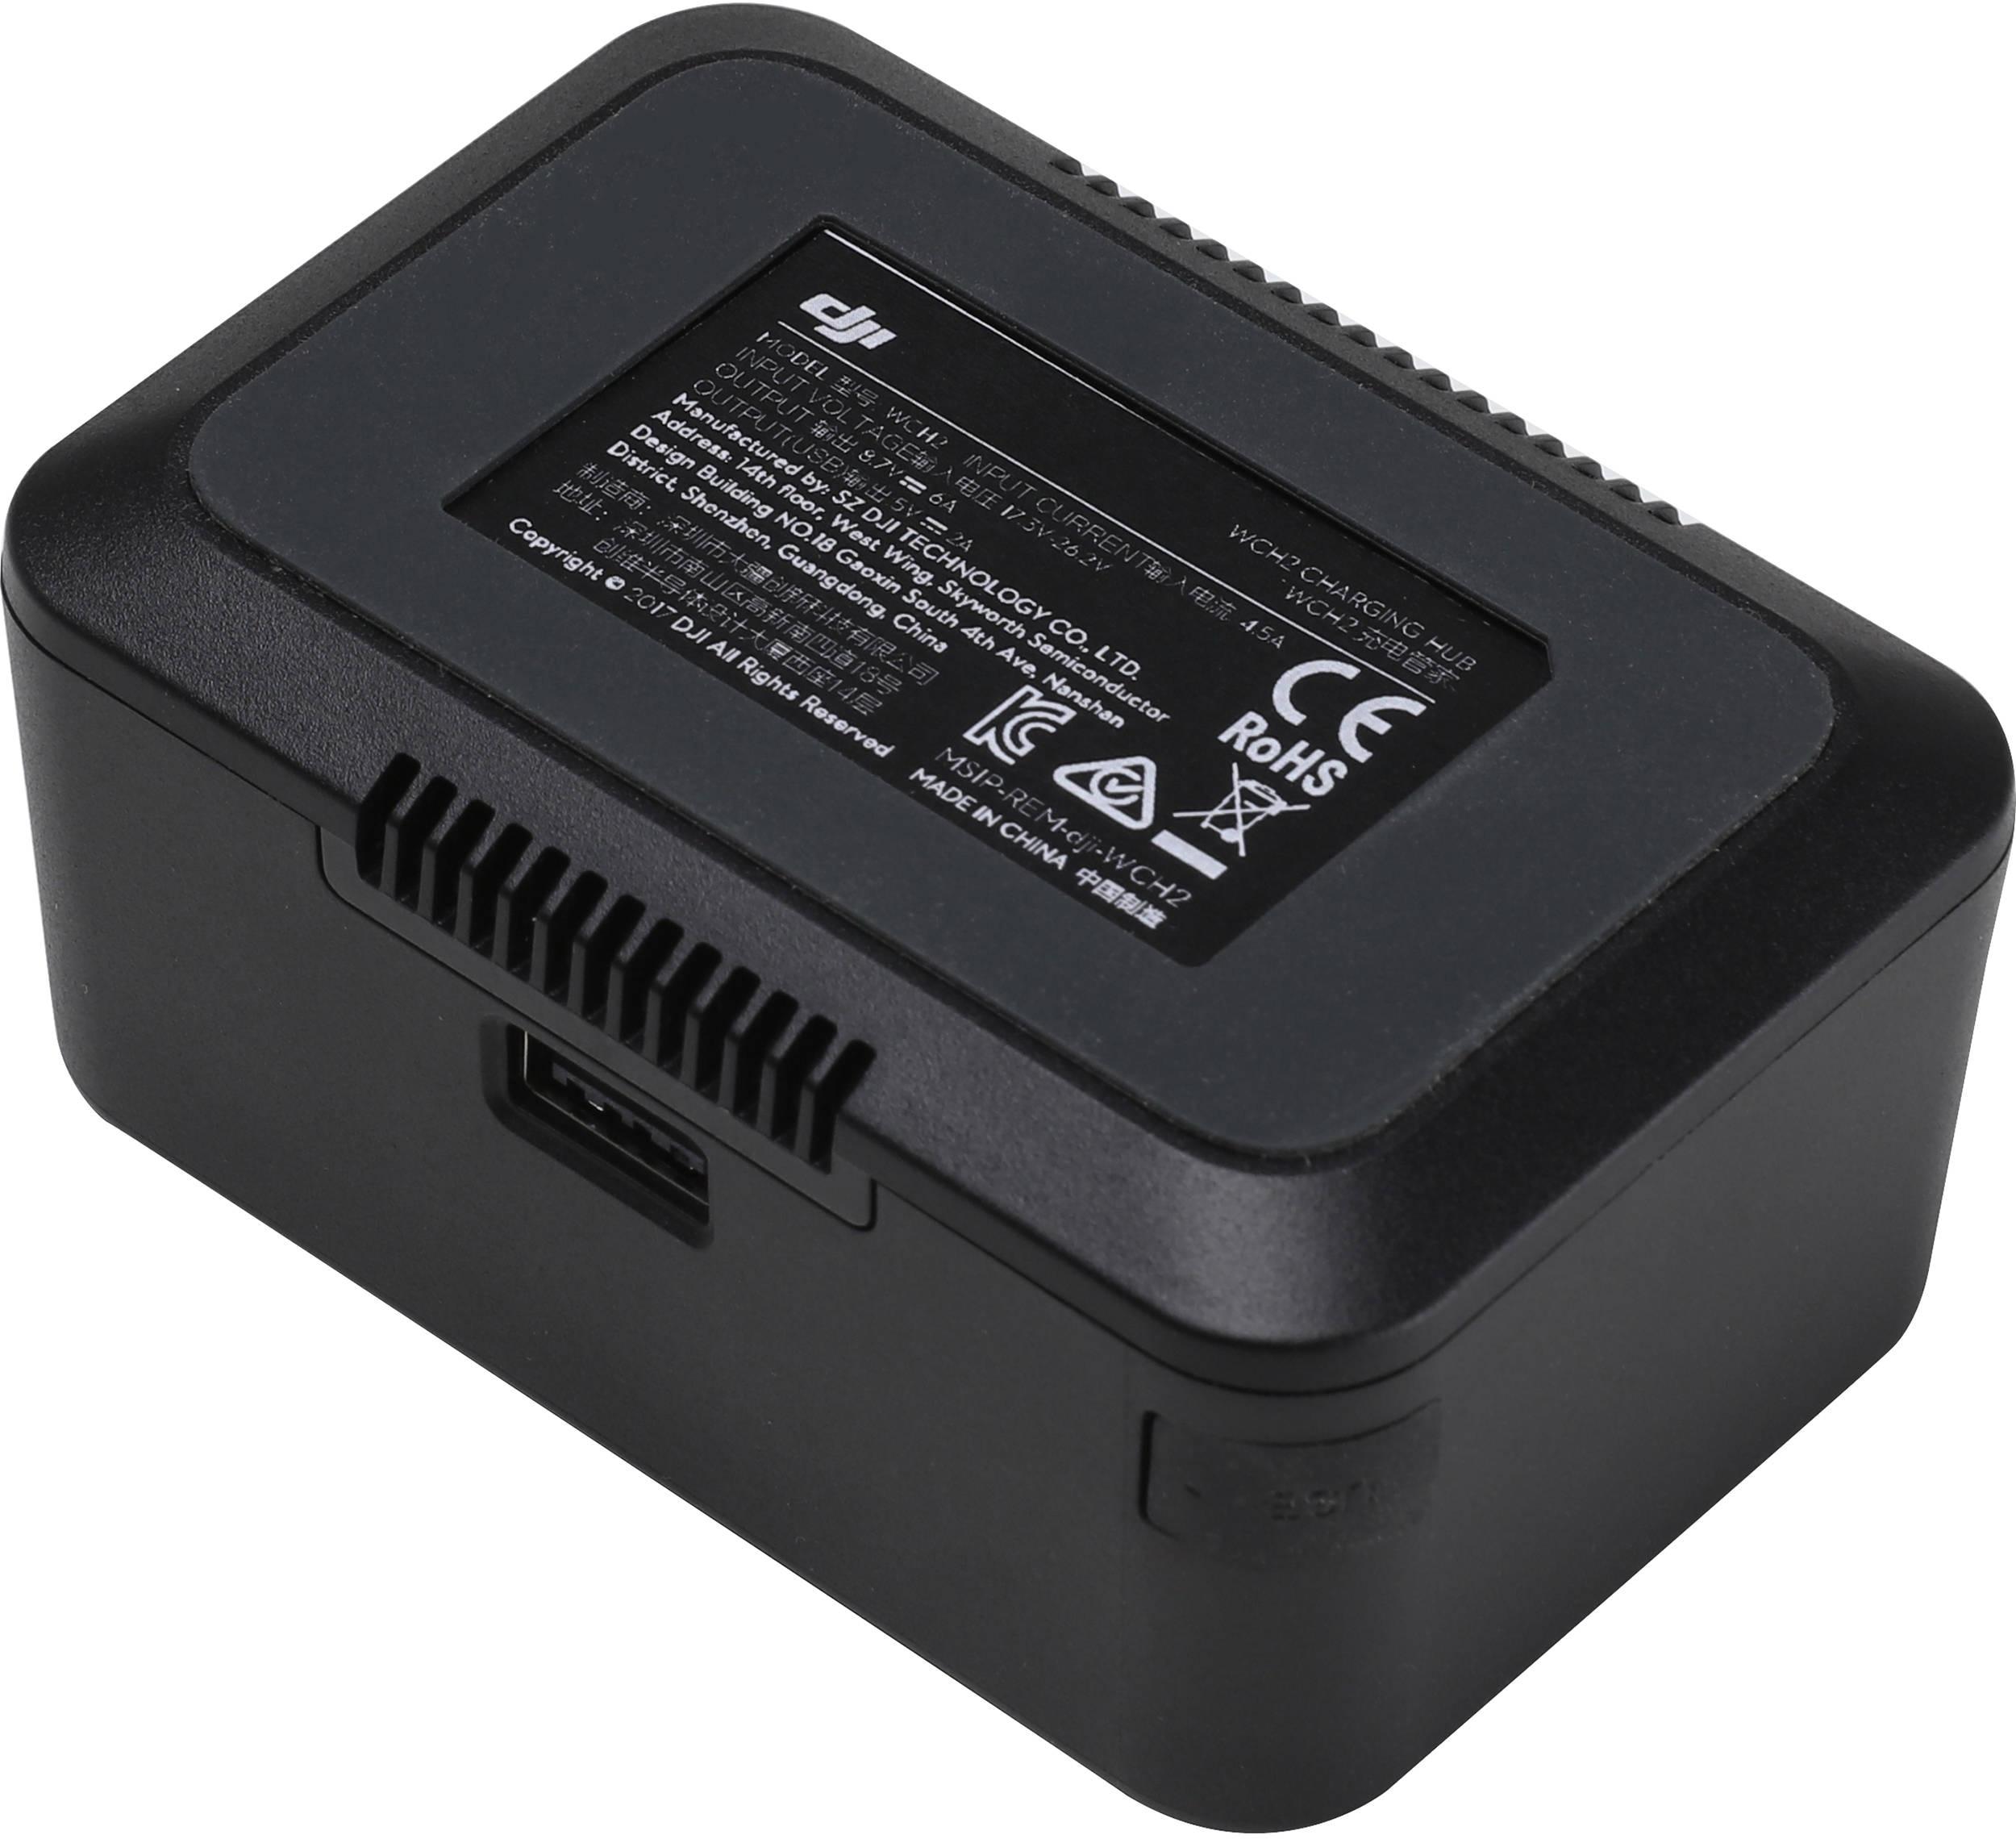 Зарядный хаб WCH2 для 2 батарей Cendence/CrystalSky Intelligent Battery Charger Hub-3